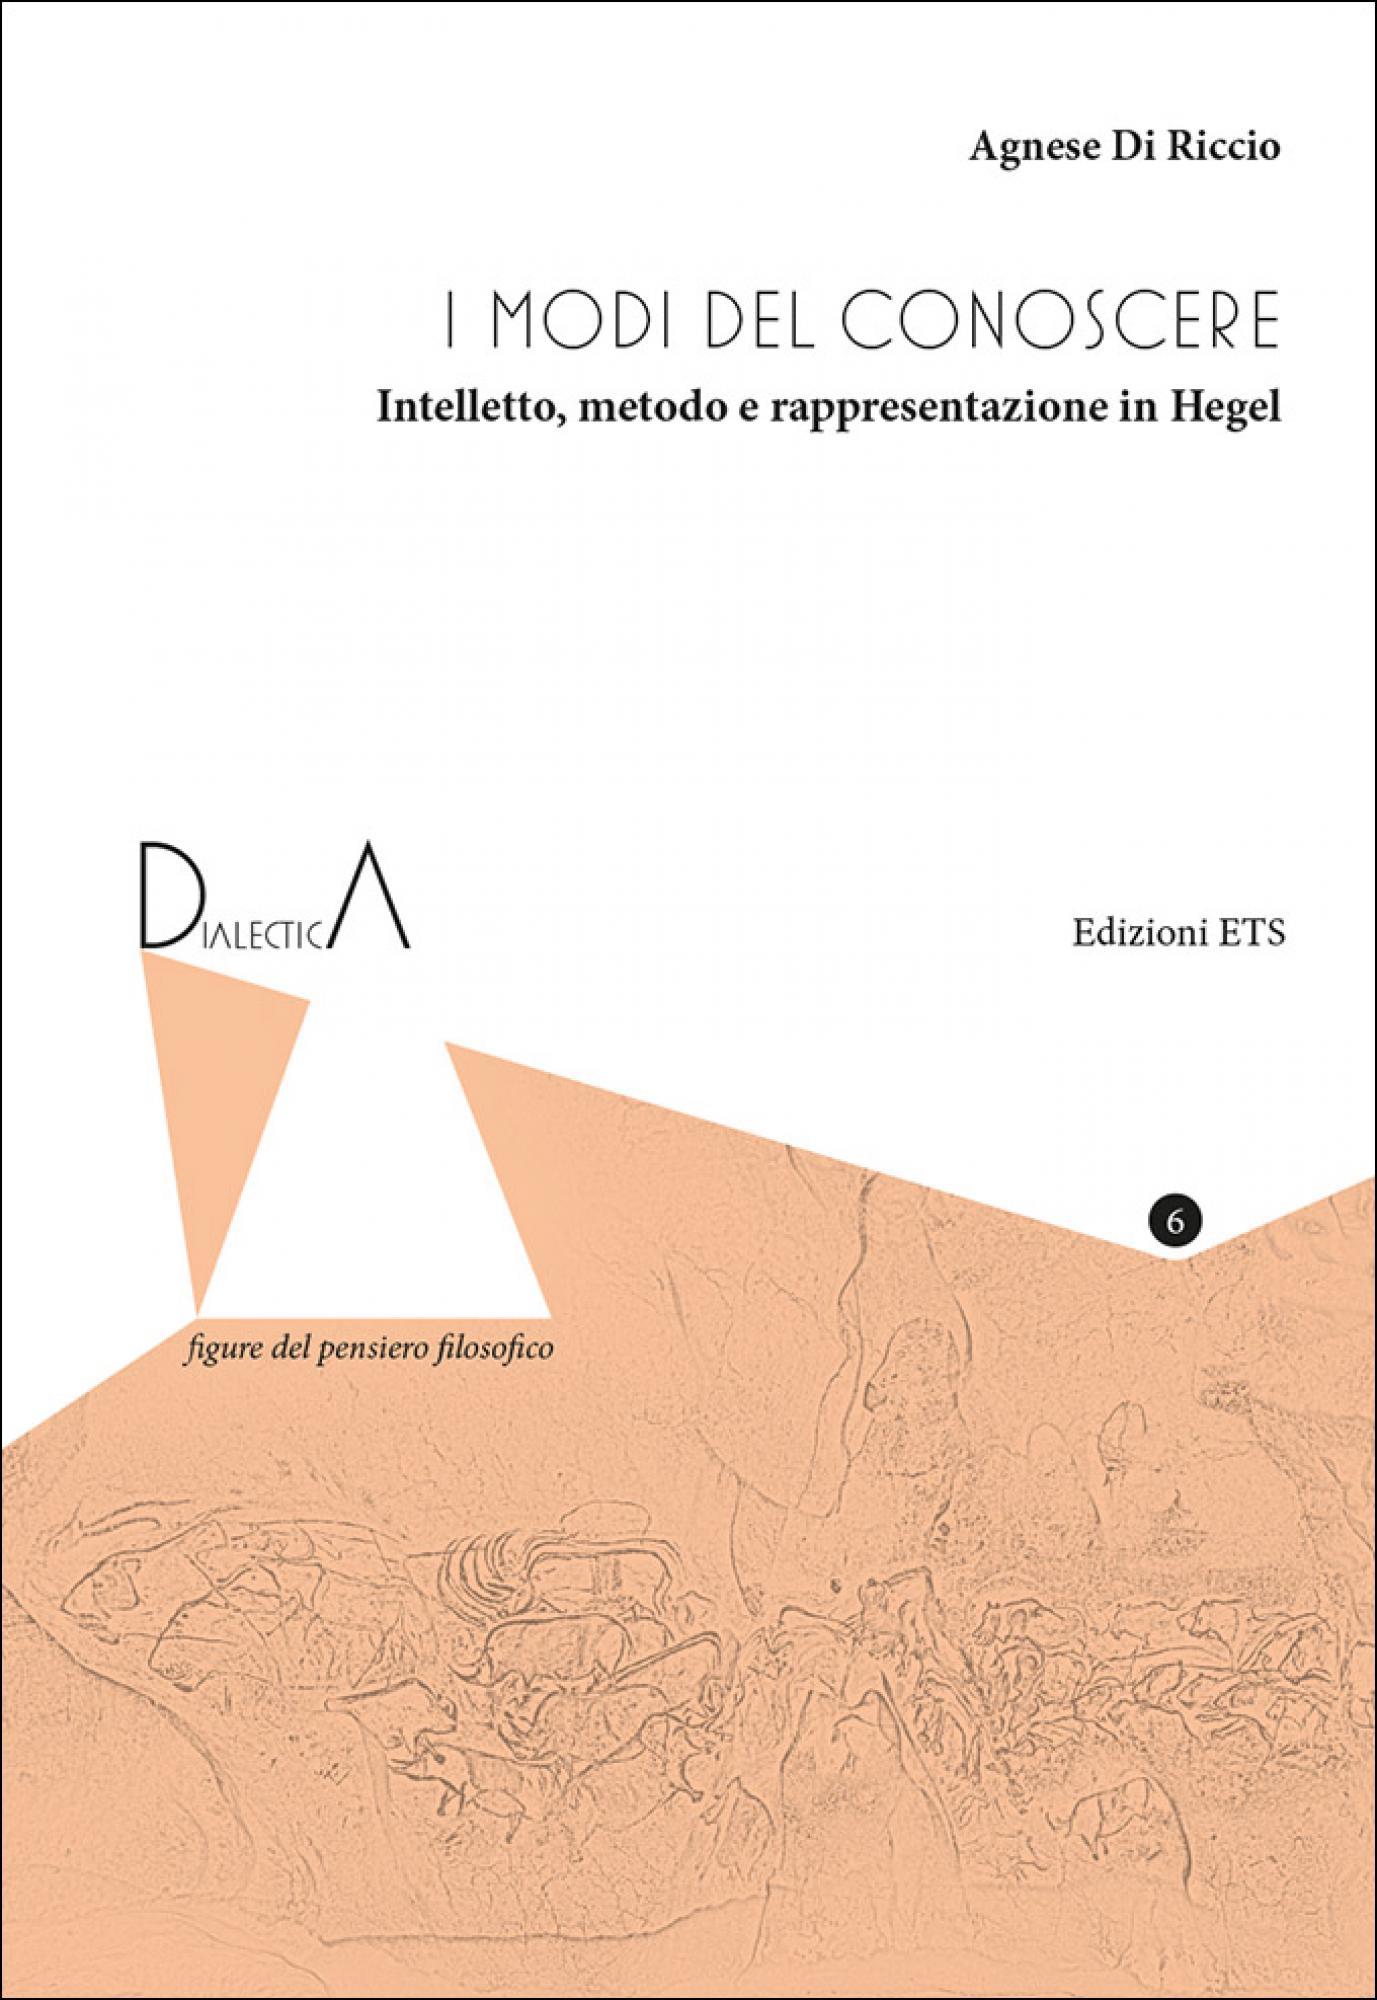 I modi del conoscere.Intelletto, metodo e rappresentazione in Hegel